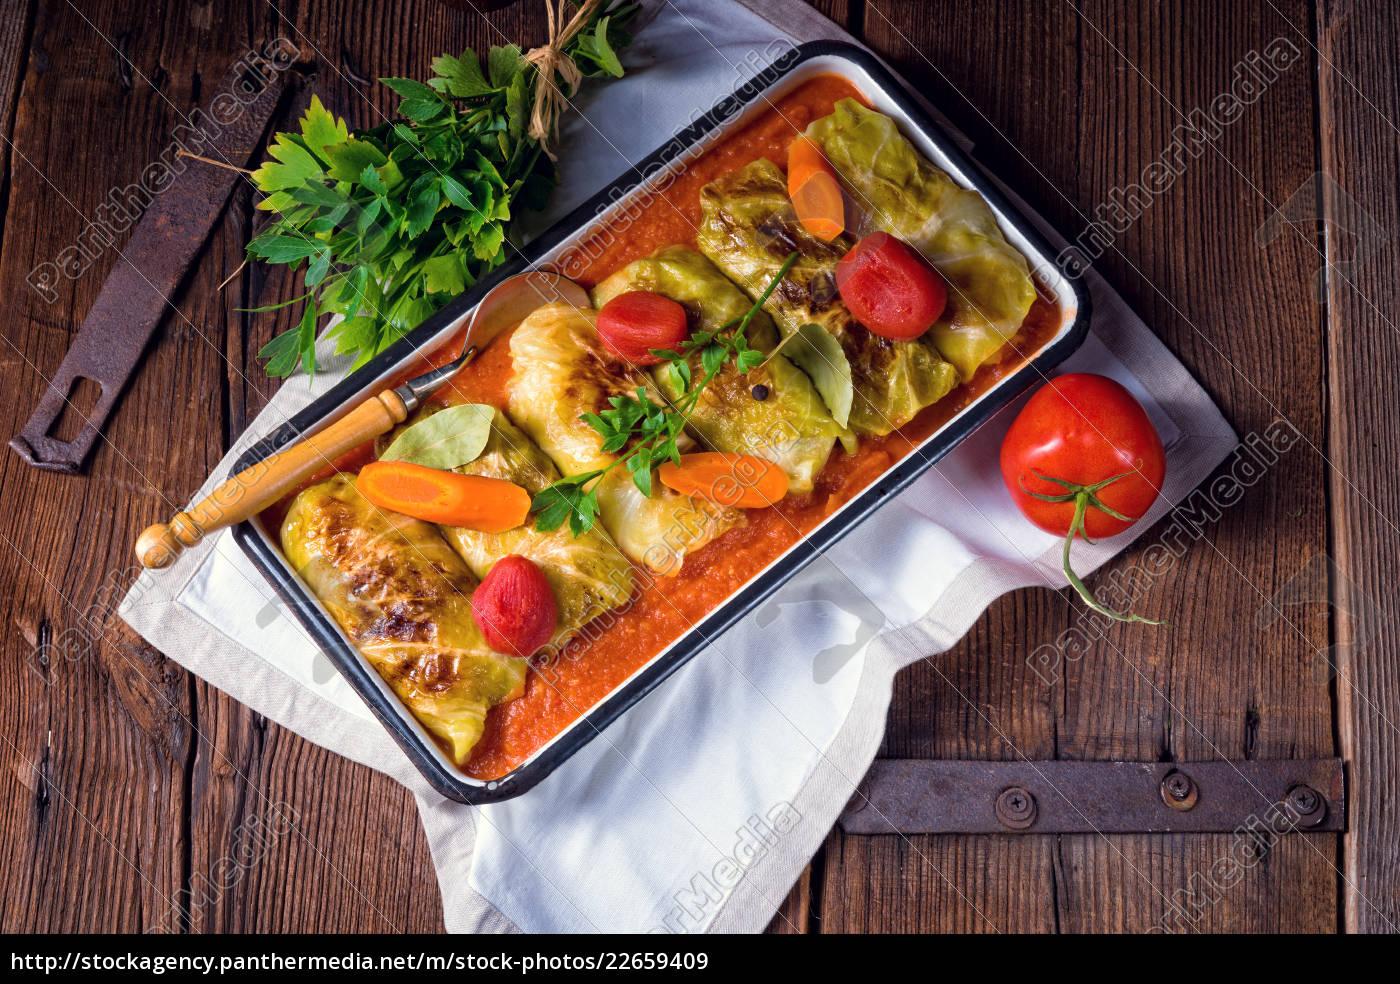 golabki, -, polish, cabbage, rolls, in - 22659409